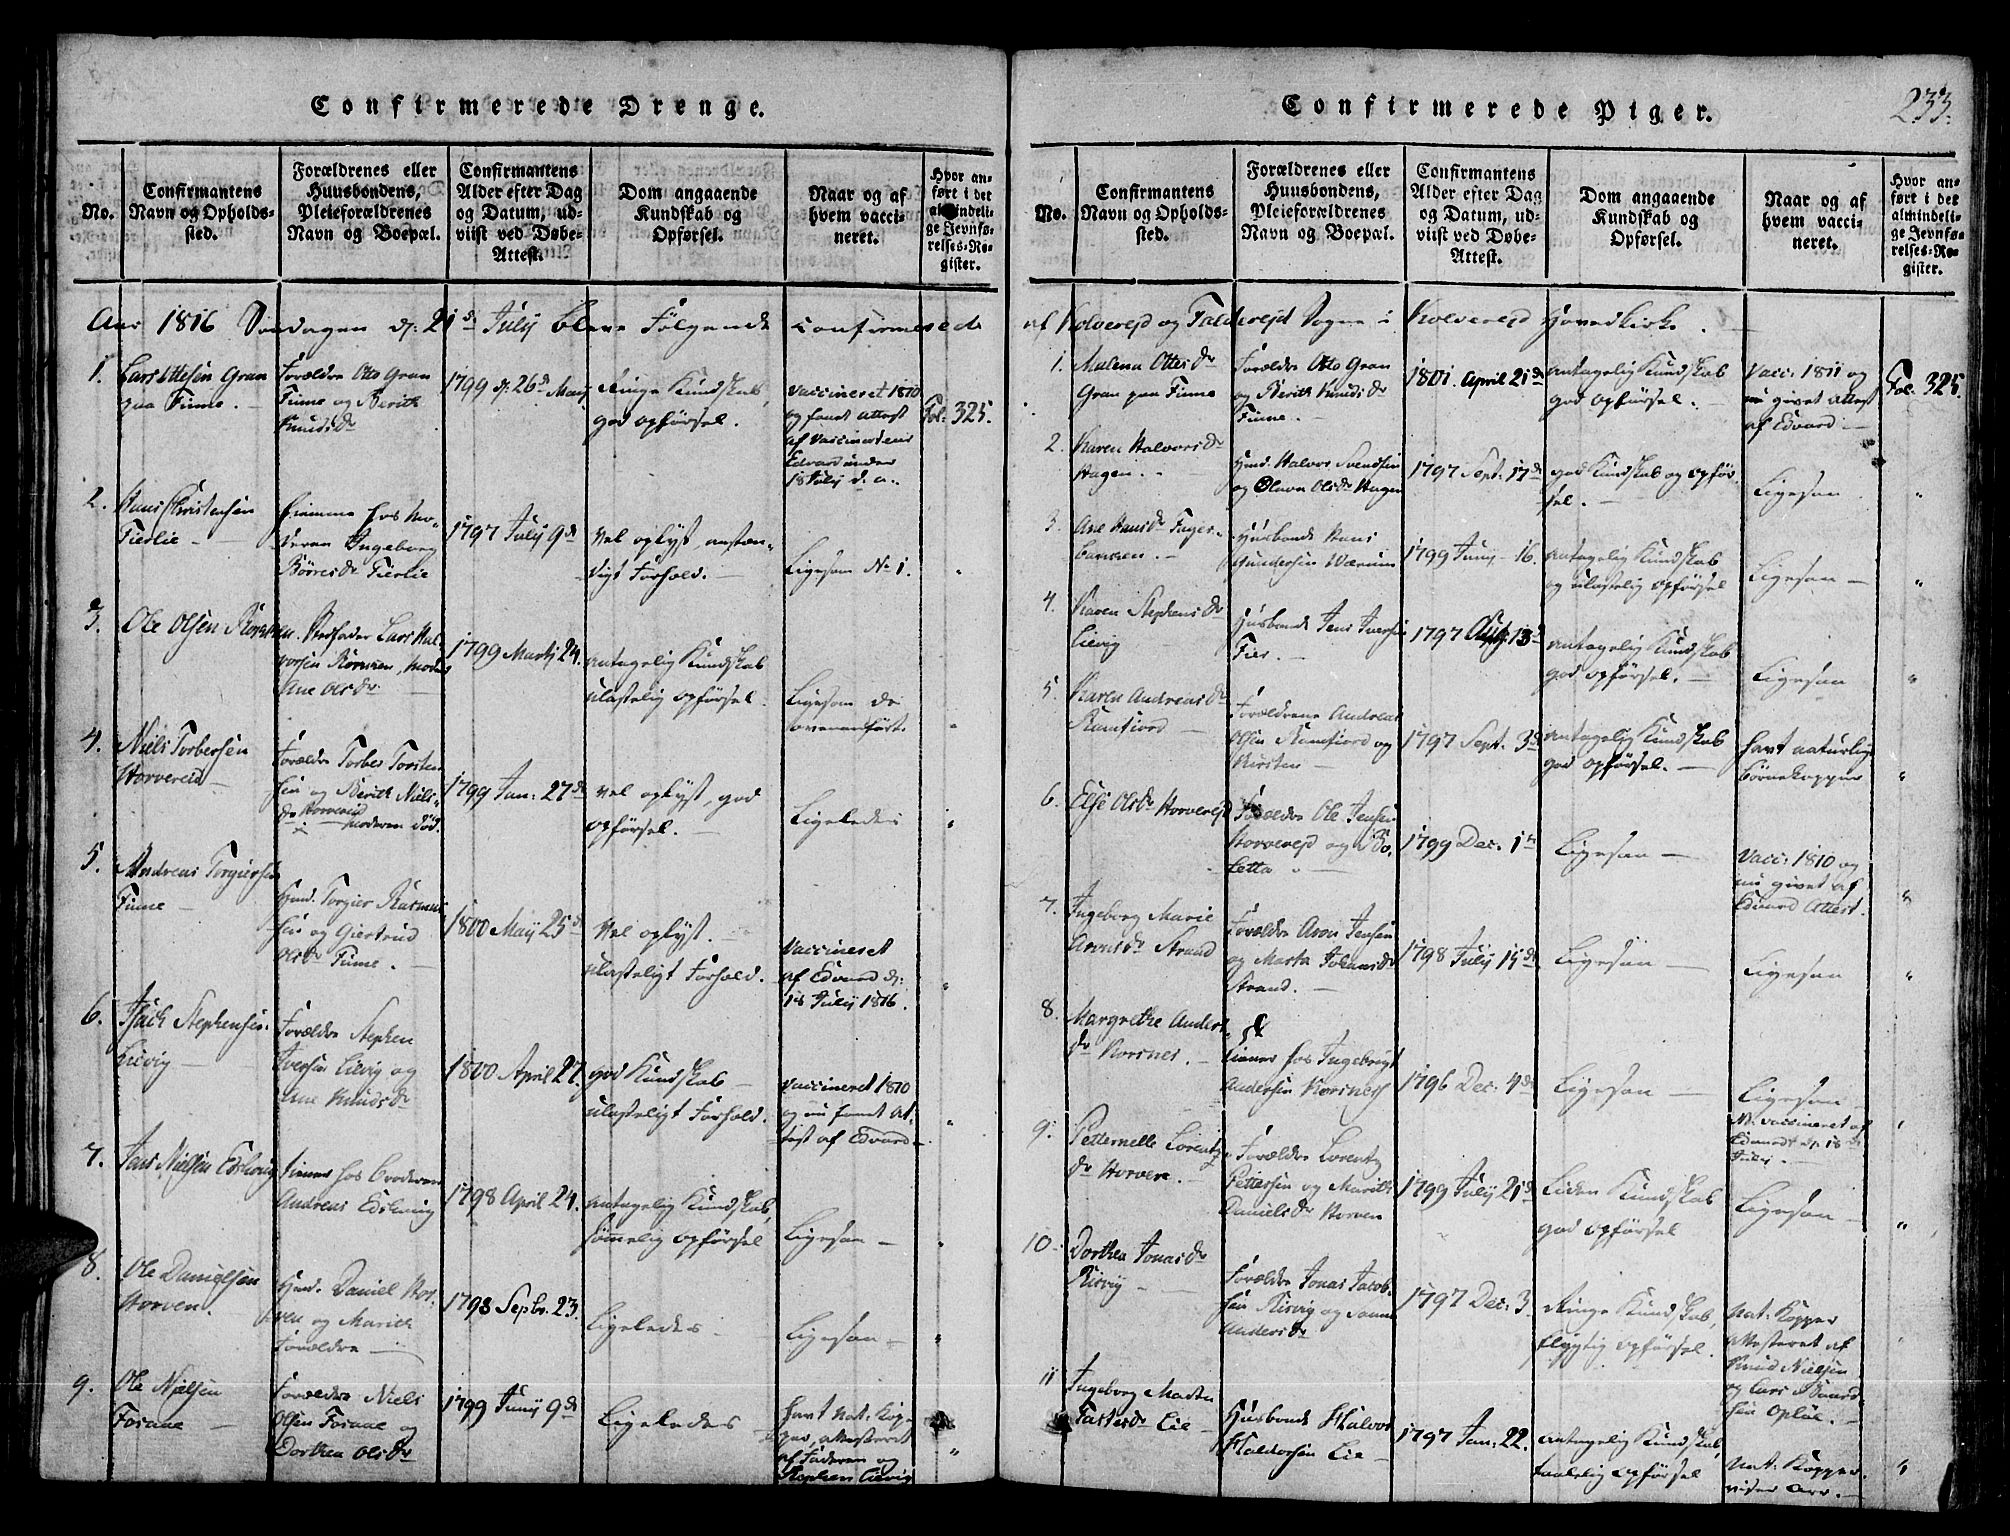 SAT, Ministerialprotokoller, klokkerbøker og fødselsregistre - Nord-Trøndelag, 780/L0636: Ministerialbok nr. 780A03 /1, 1815-1830, s. 233